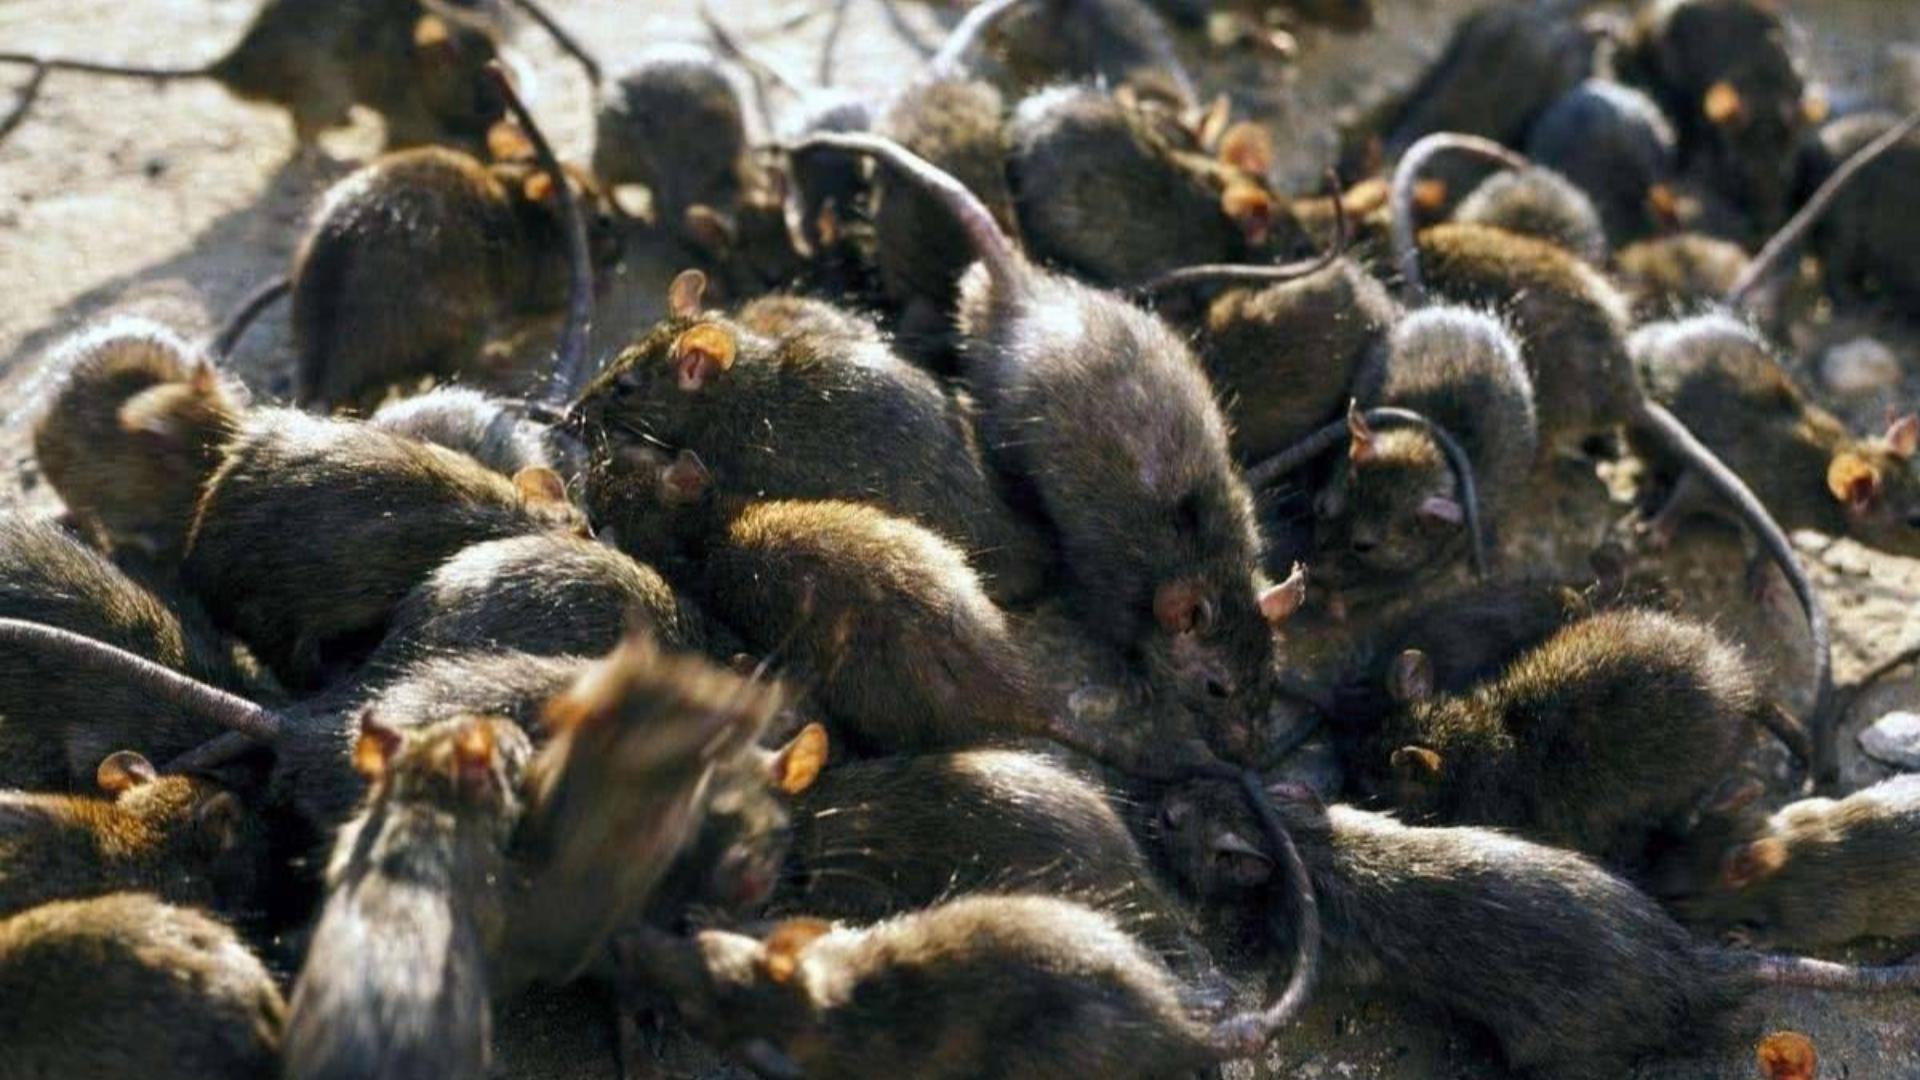 明朝末年那场鼠疫毁了大明!仅是死亡人数就高达20万